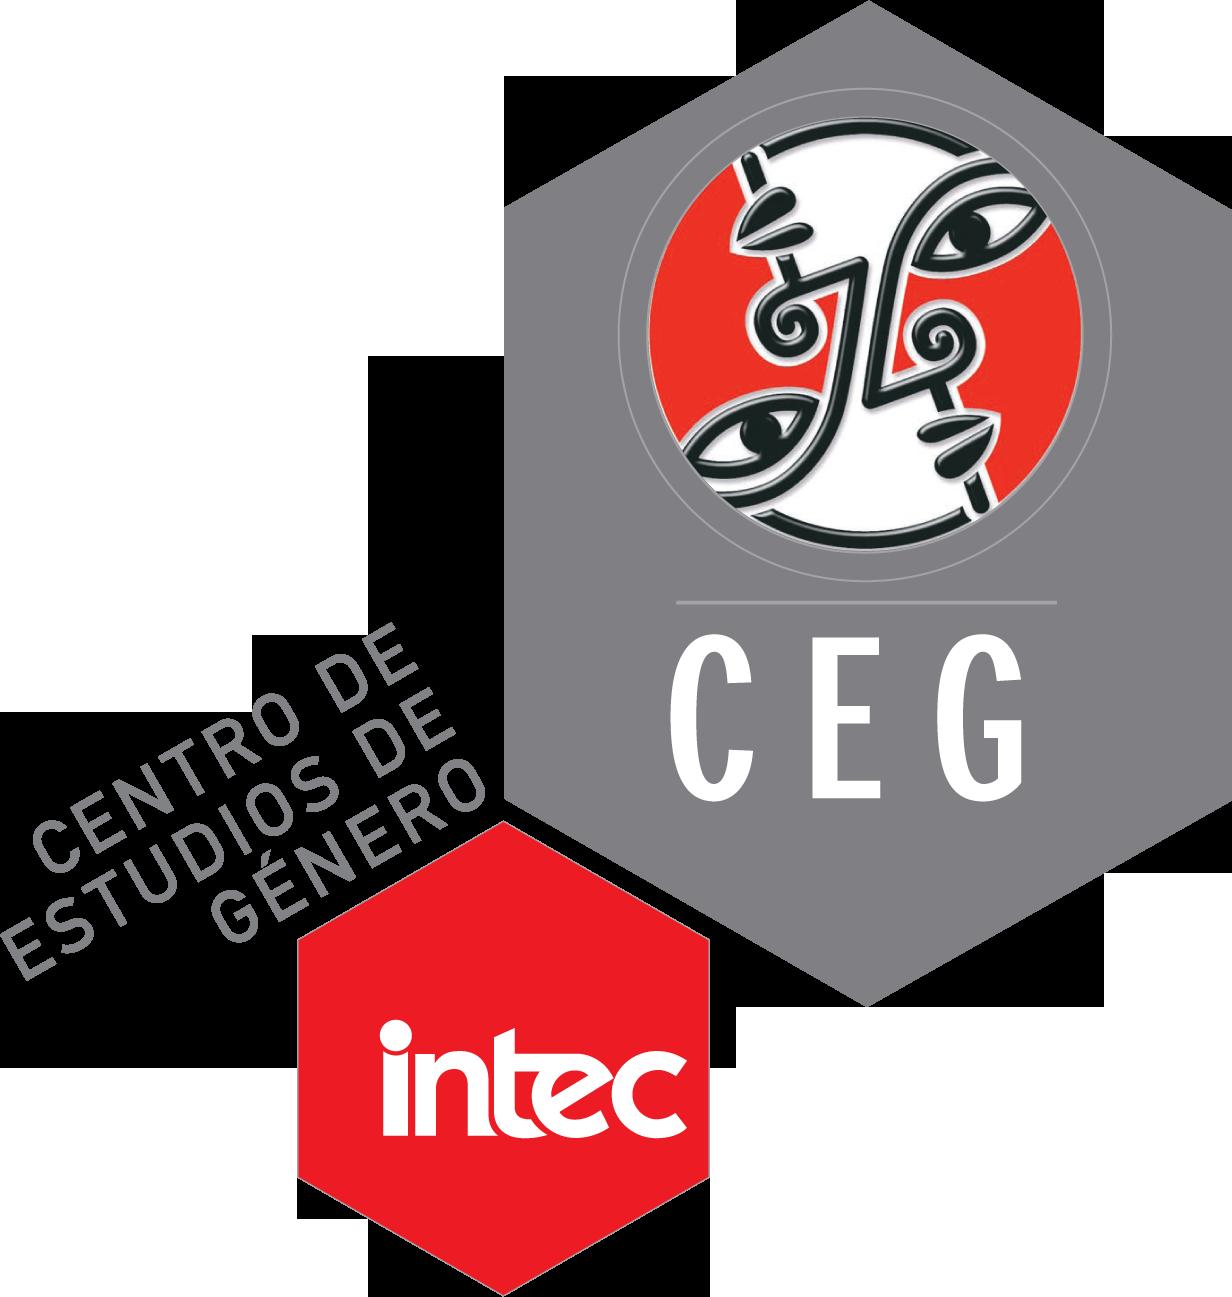 CEG-INTEC reitera que exclusión de tres causales para despenalización de aborto, es negación de derechos humanos de las mujeres